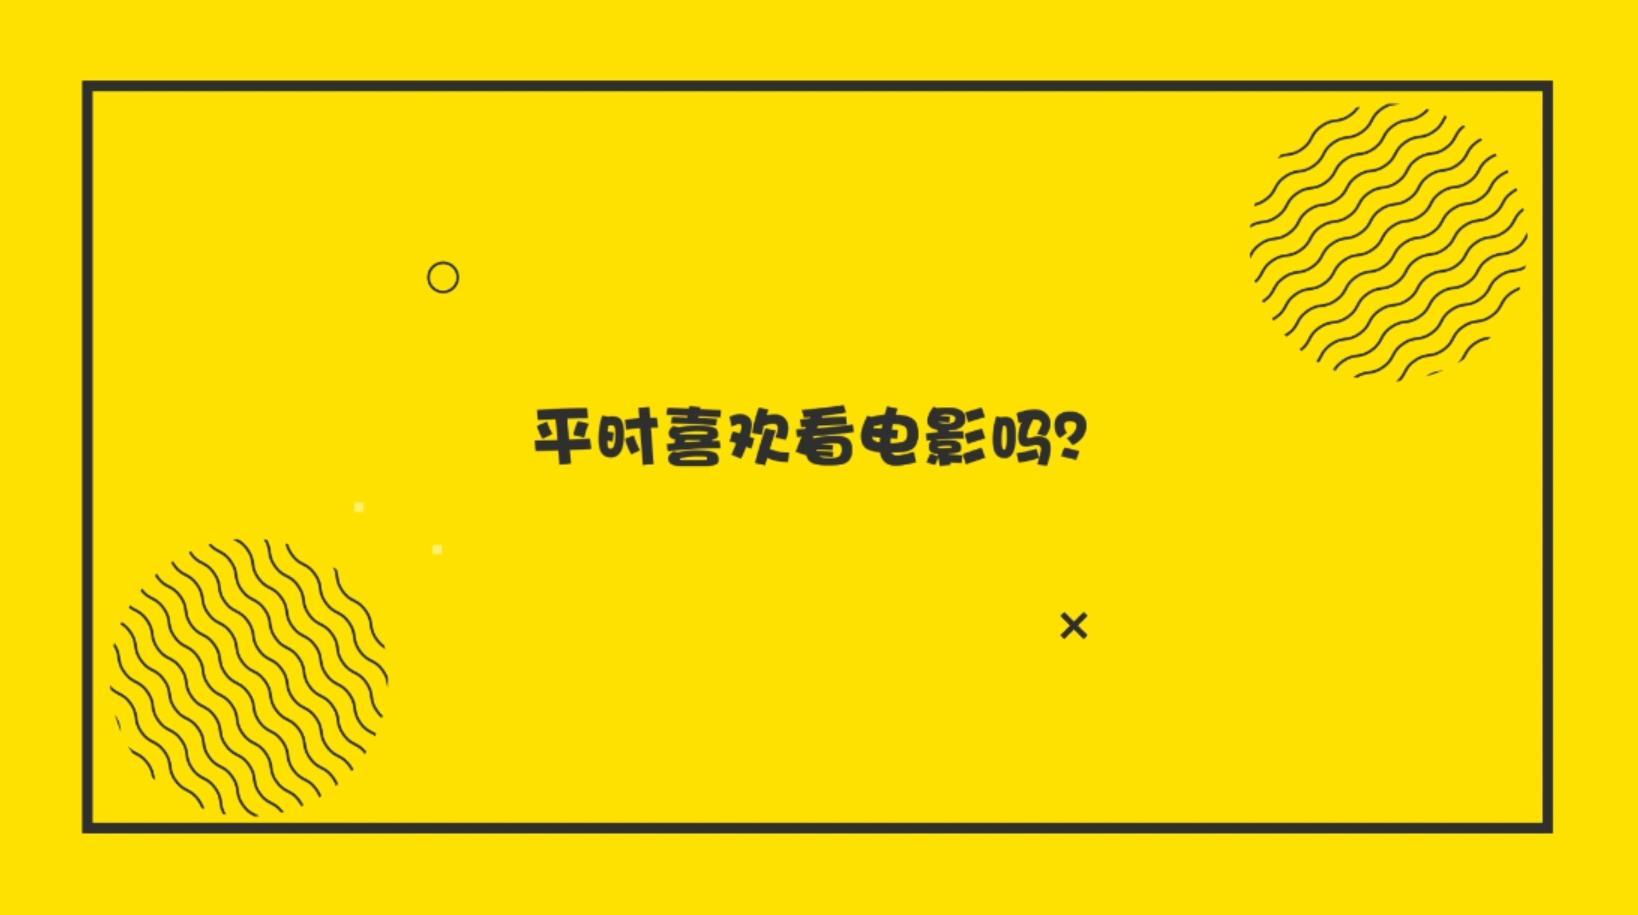 街采丨金鸡启幕 谁是你最期待的电影明星 00:02:03